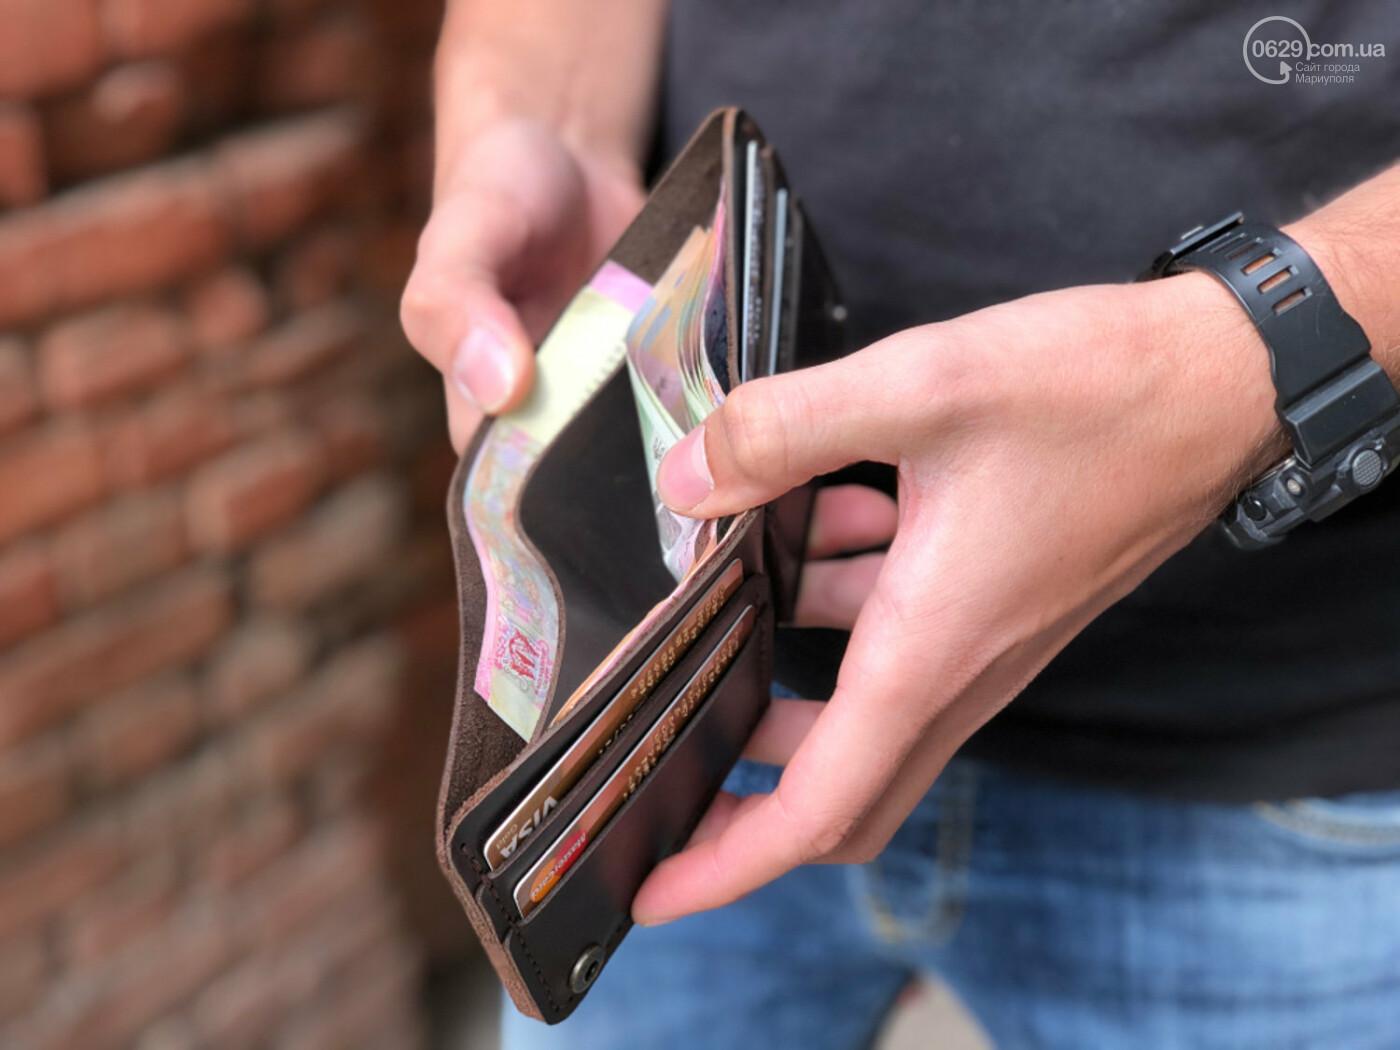 Стильное мужское портмоне для мужчин, которые любят качественные изделия из кожи, фото-2